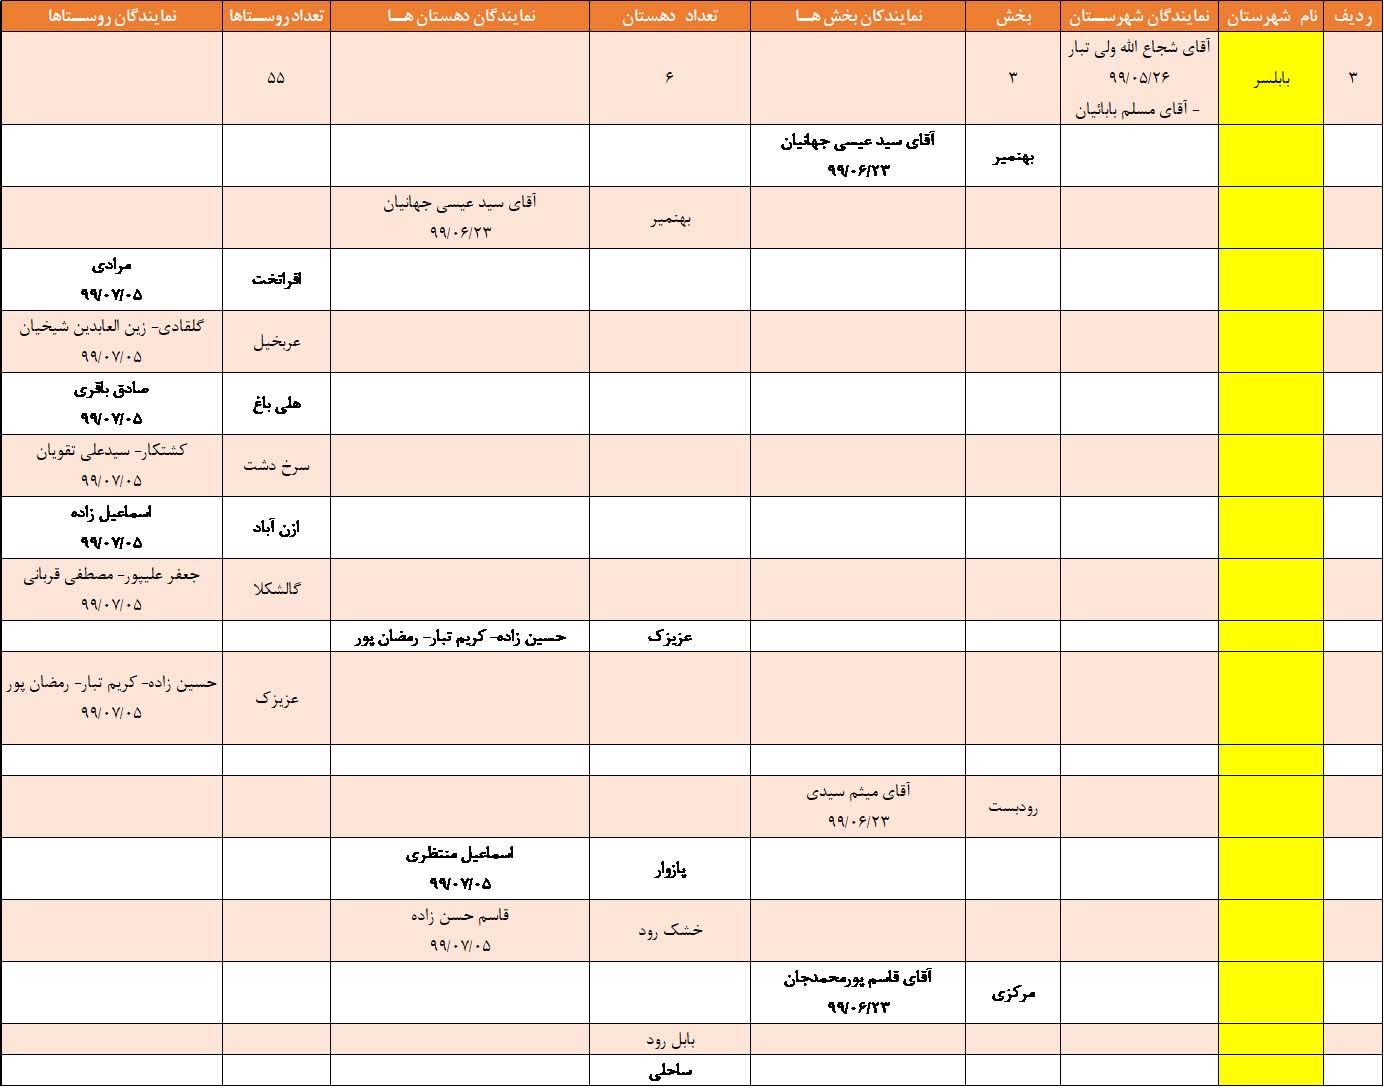 نمایندگان بکوجا در بابلسر استان مازندران